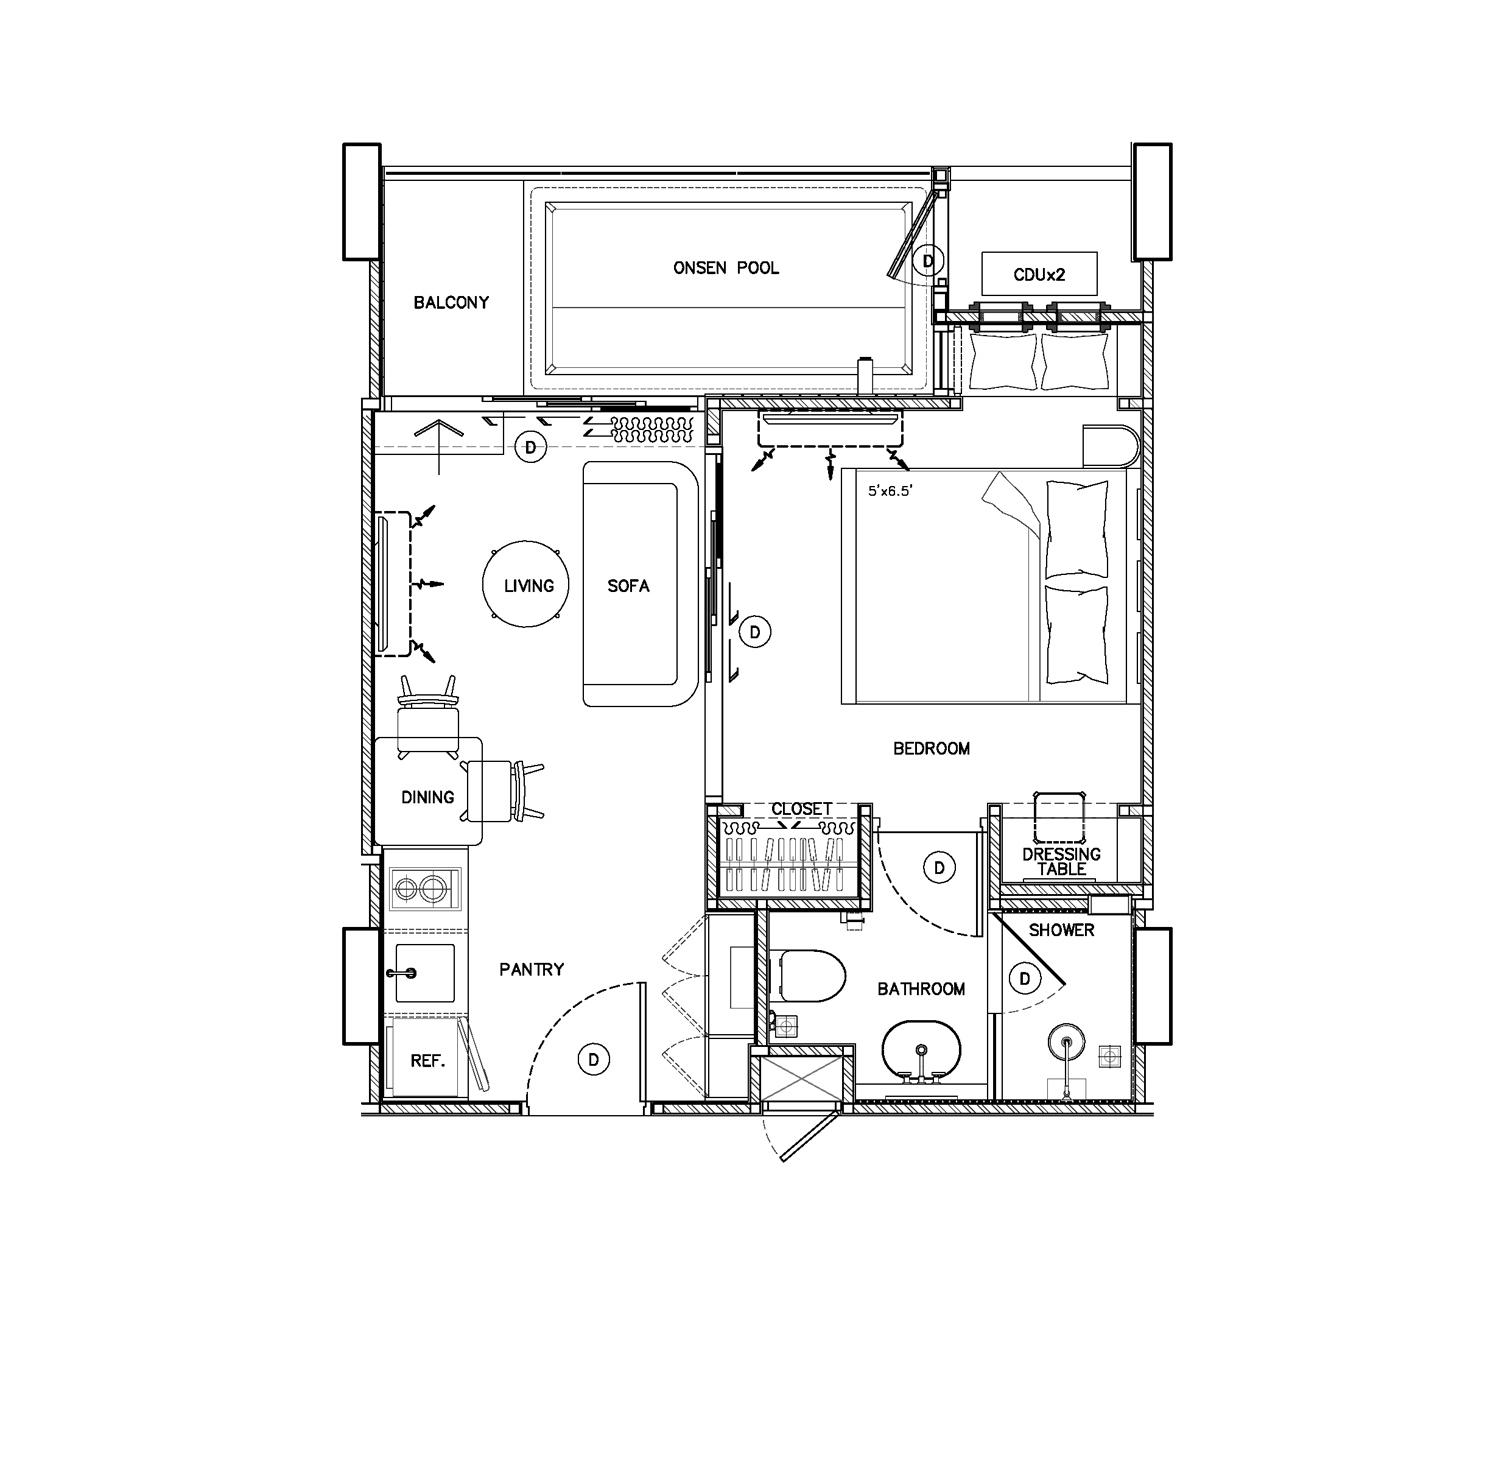 Onsen jacuzzi 1 bedroom